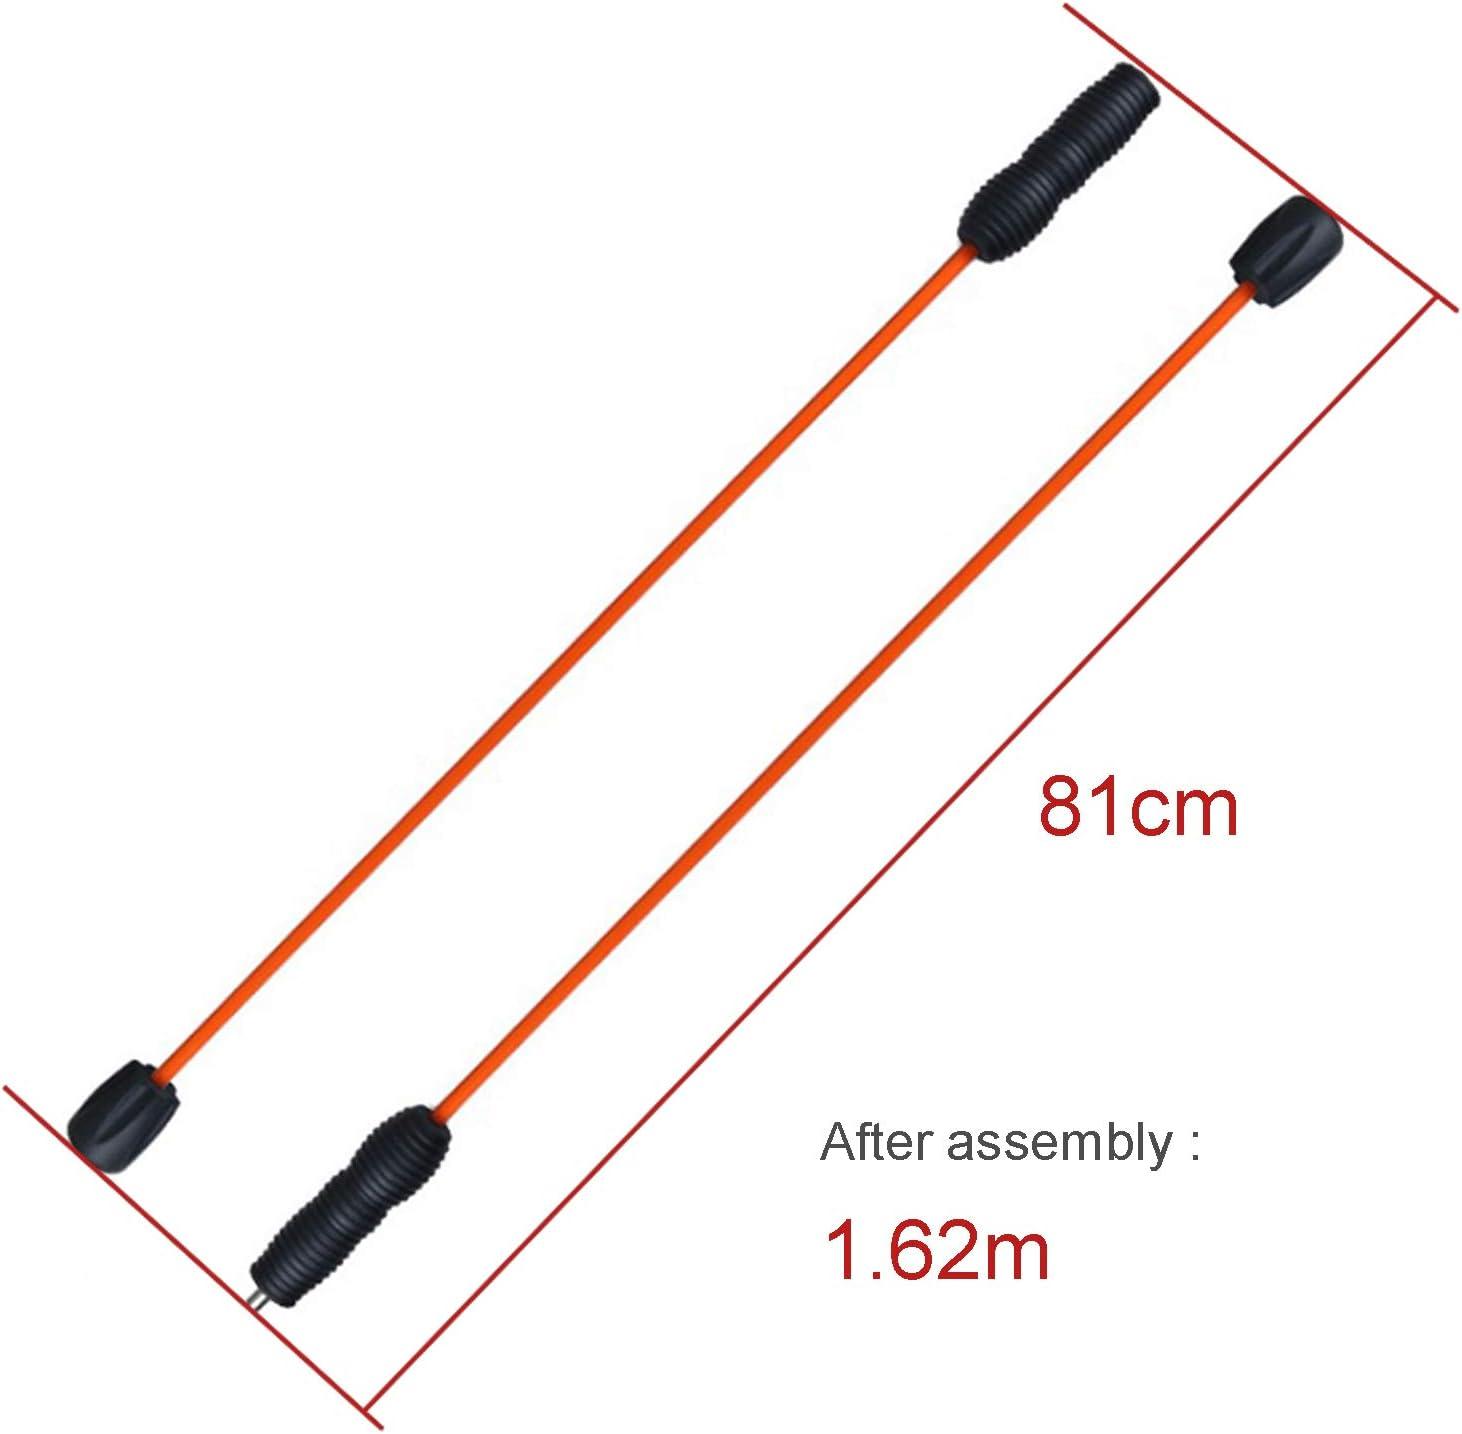 JEEZAO Barras de Pesas Flexbar Swing Stick Barra oscilante Entrenamiento Fitness para Todo el Cuerpo Desmontable,160 cm Mejorar Rendimiento y flexibilidad Dos Secciones